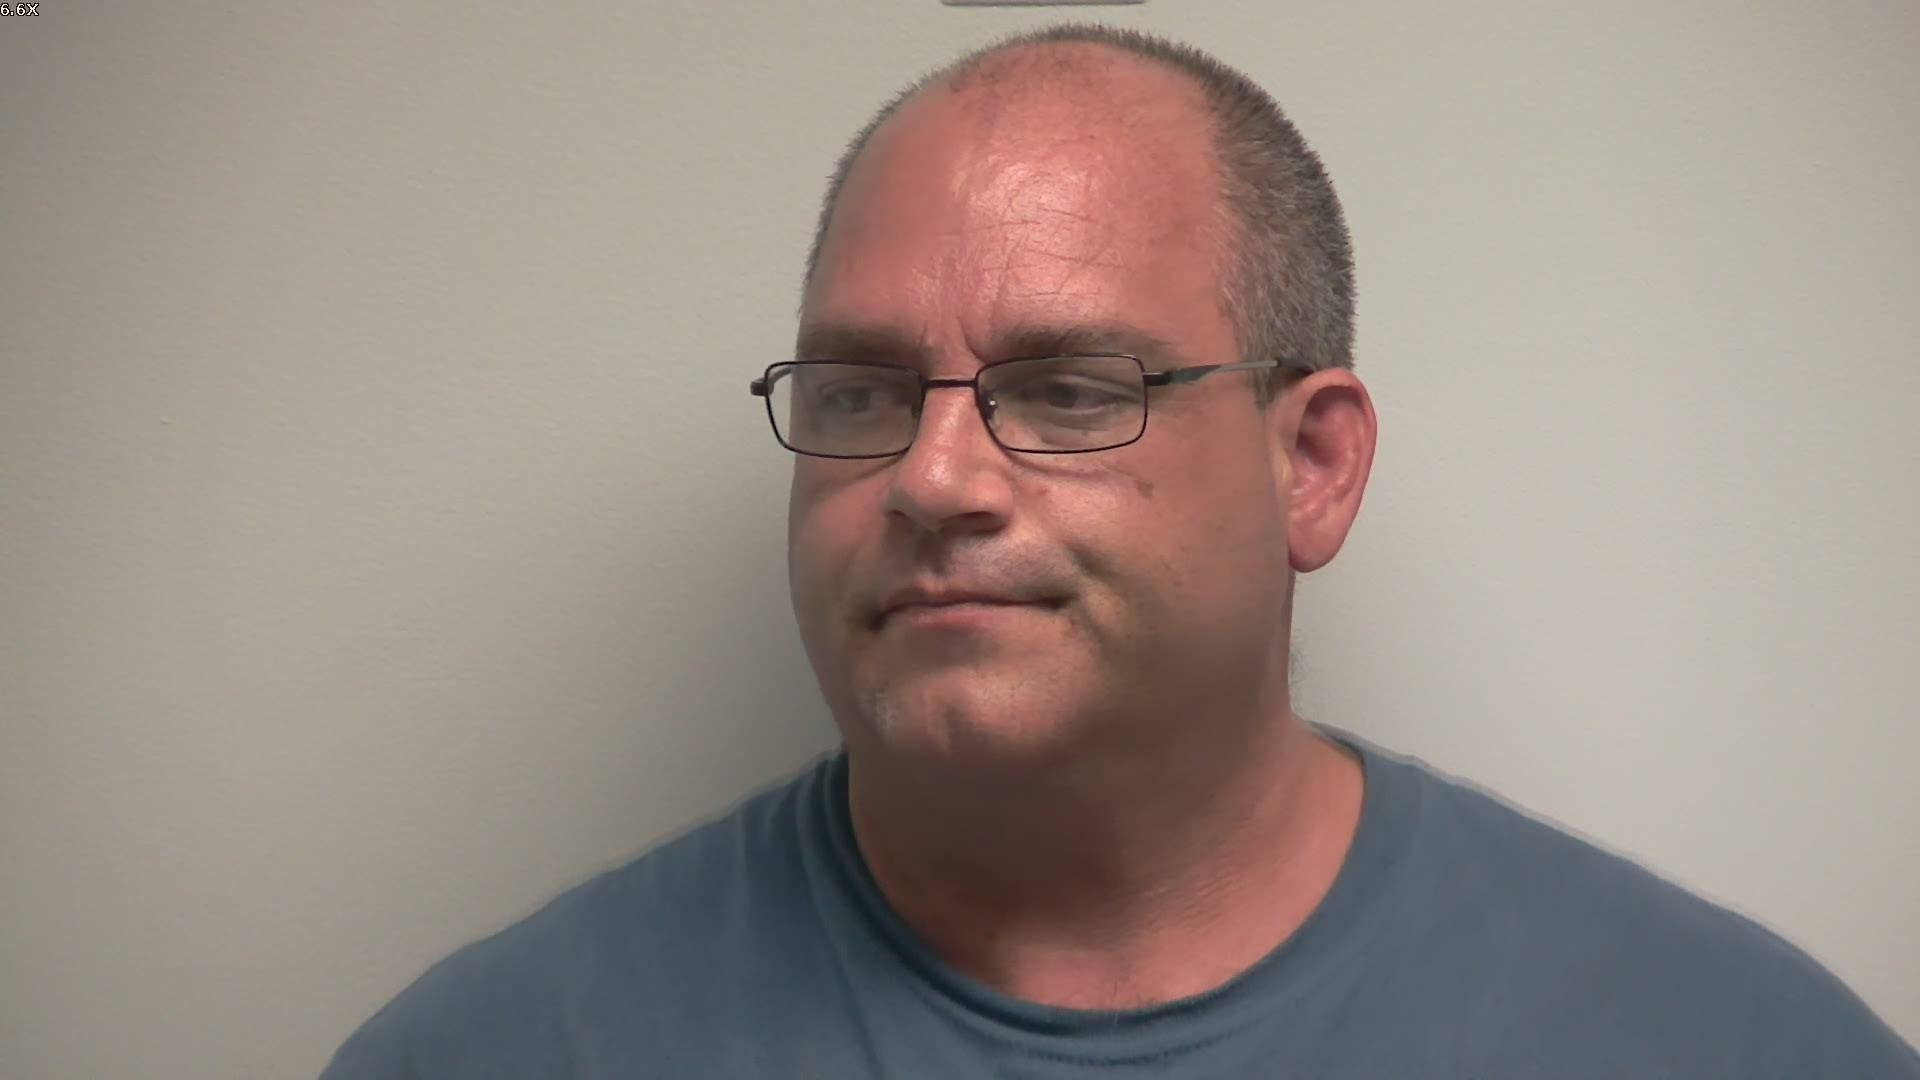 Craig Pennington. Marion Co. Detention Center